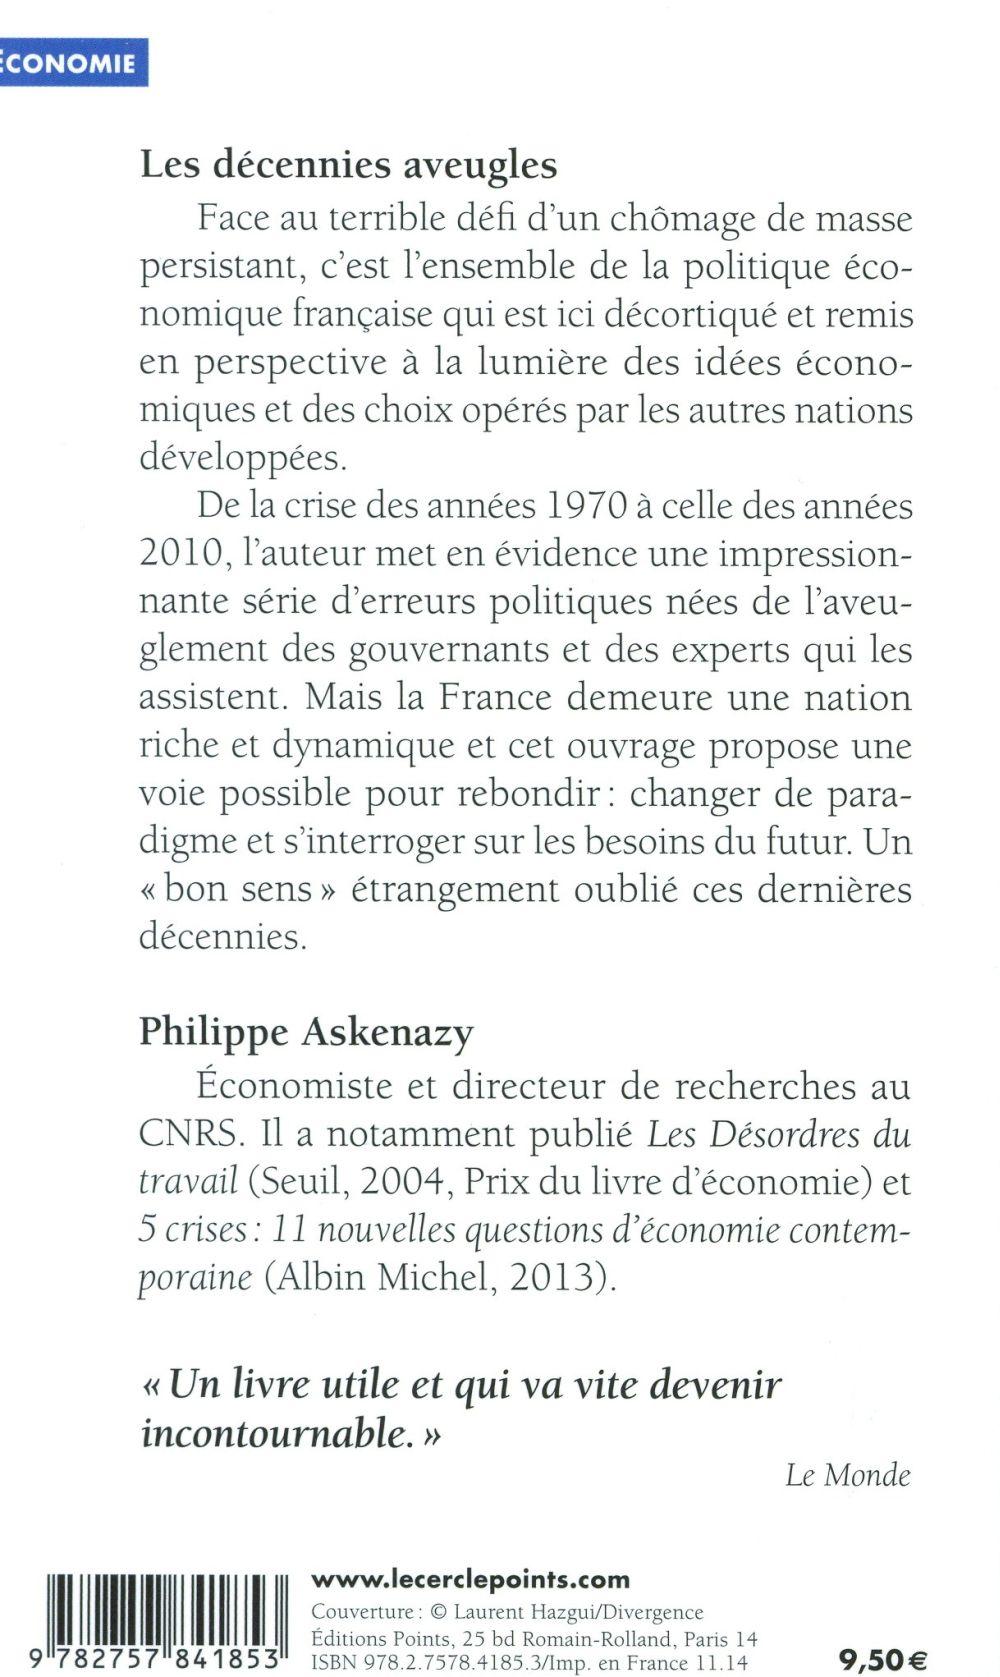 Les décennies aveugles ; emploi et croissance (1970-2014)